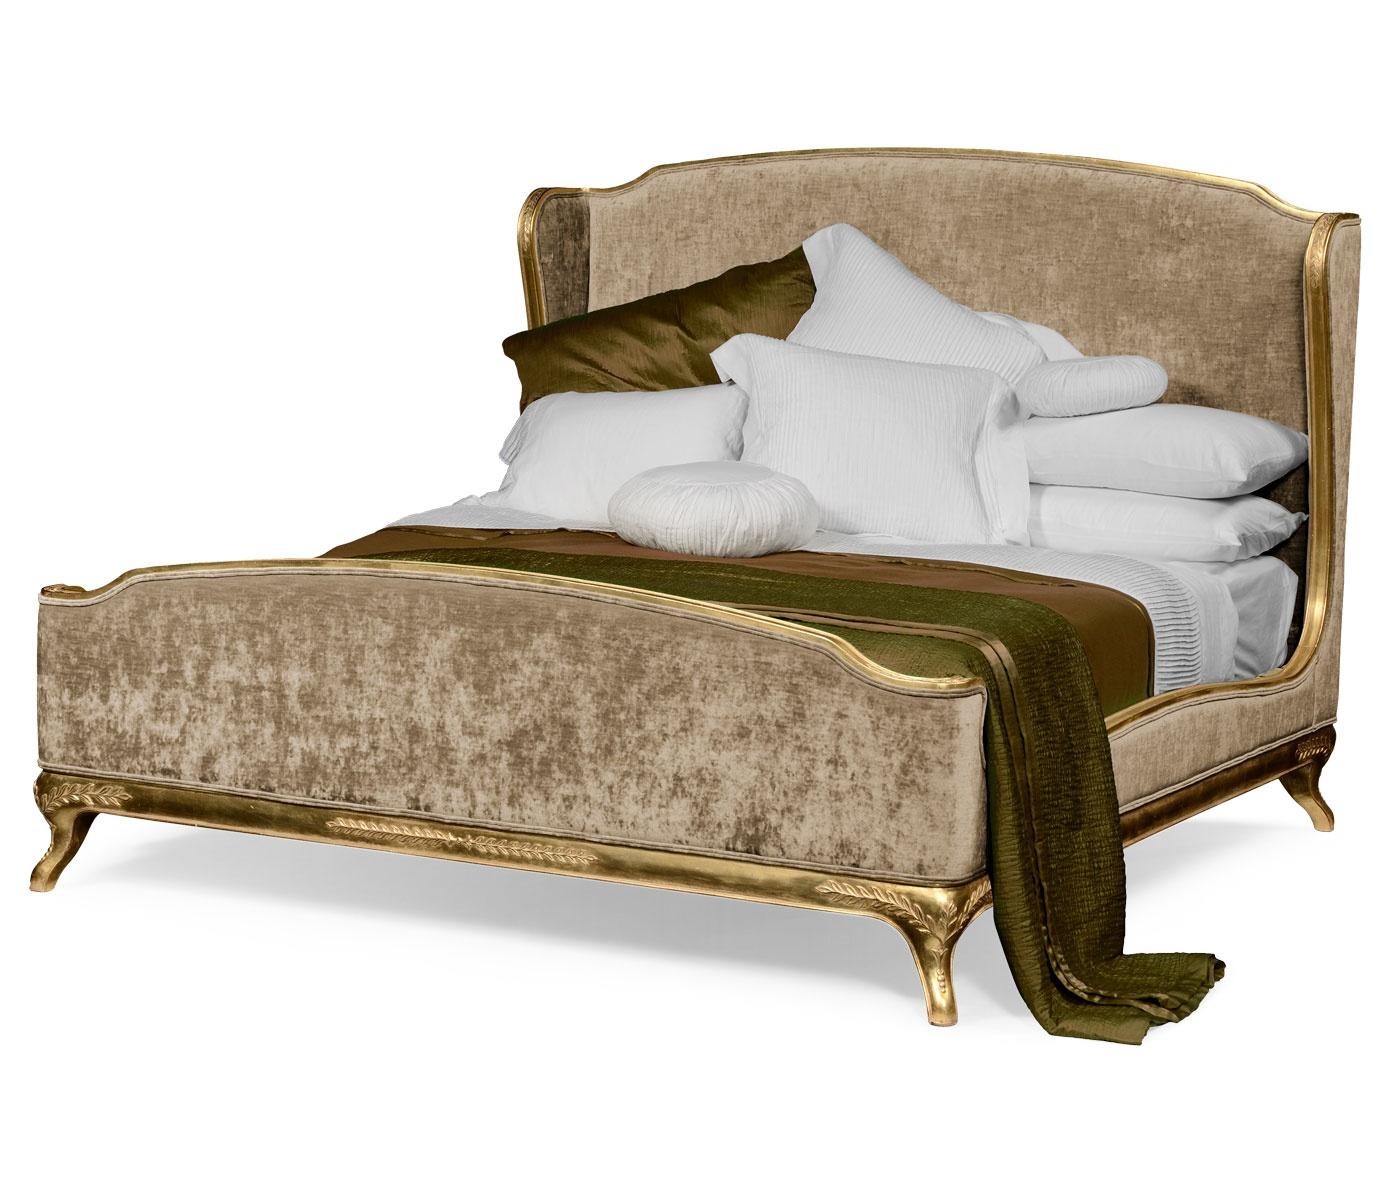 French Velvet Upholstered Bed Kingsize Swanky Interiors